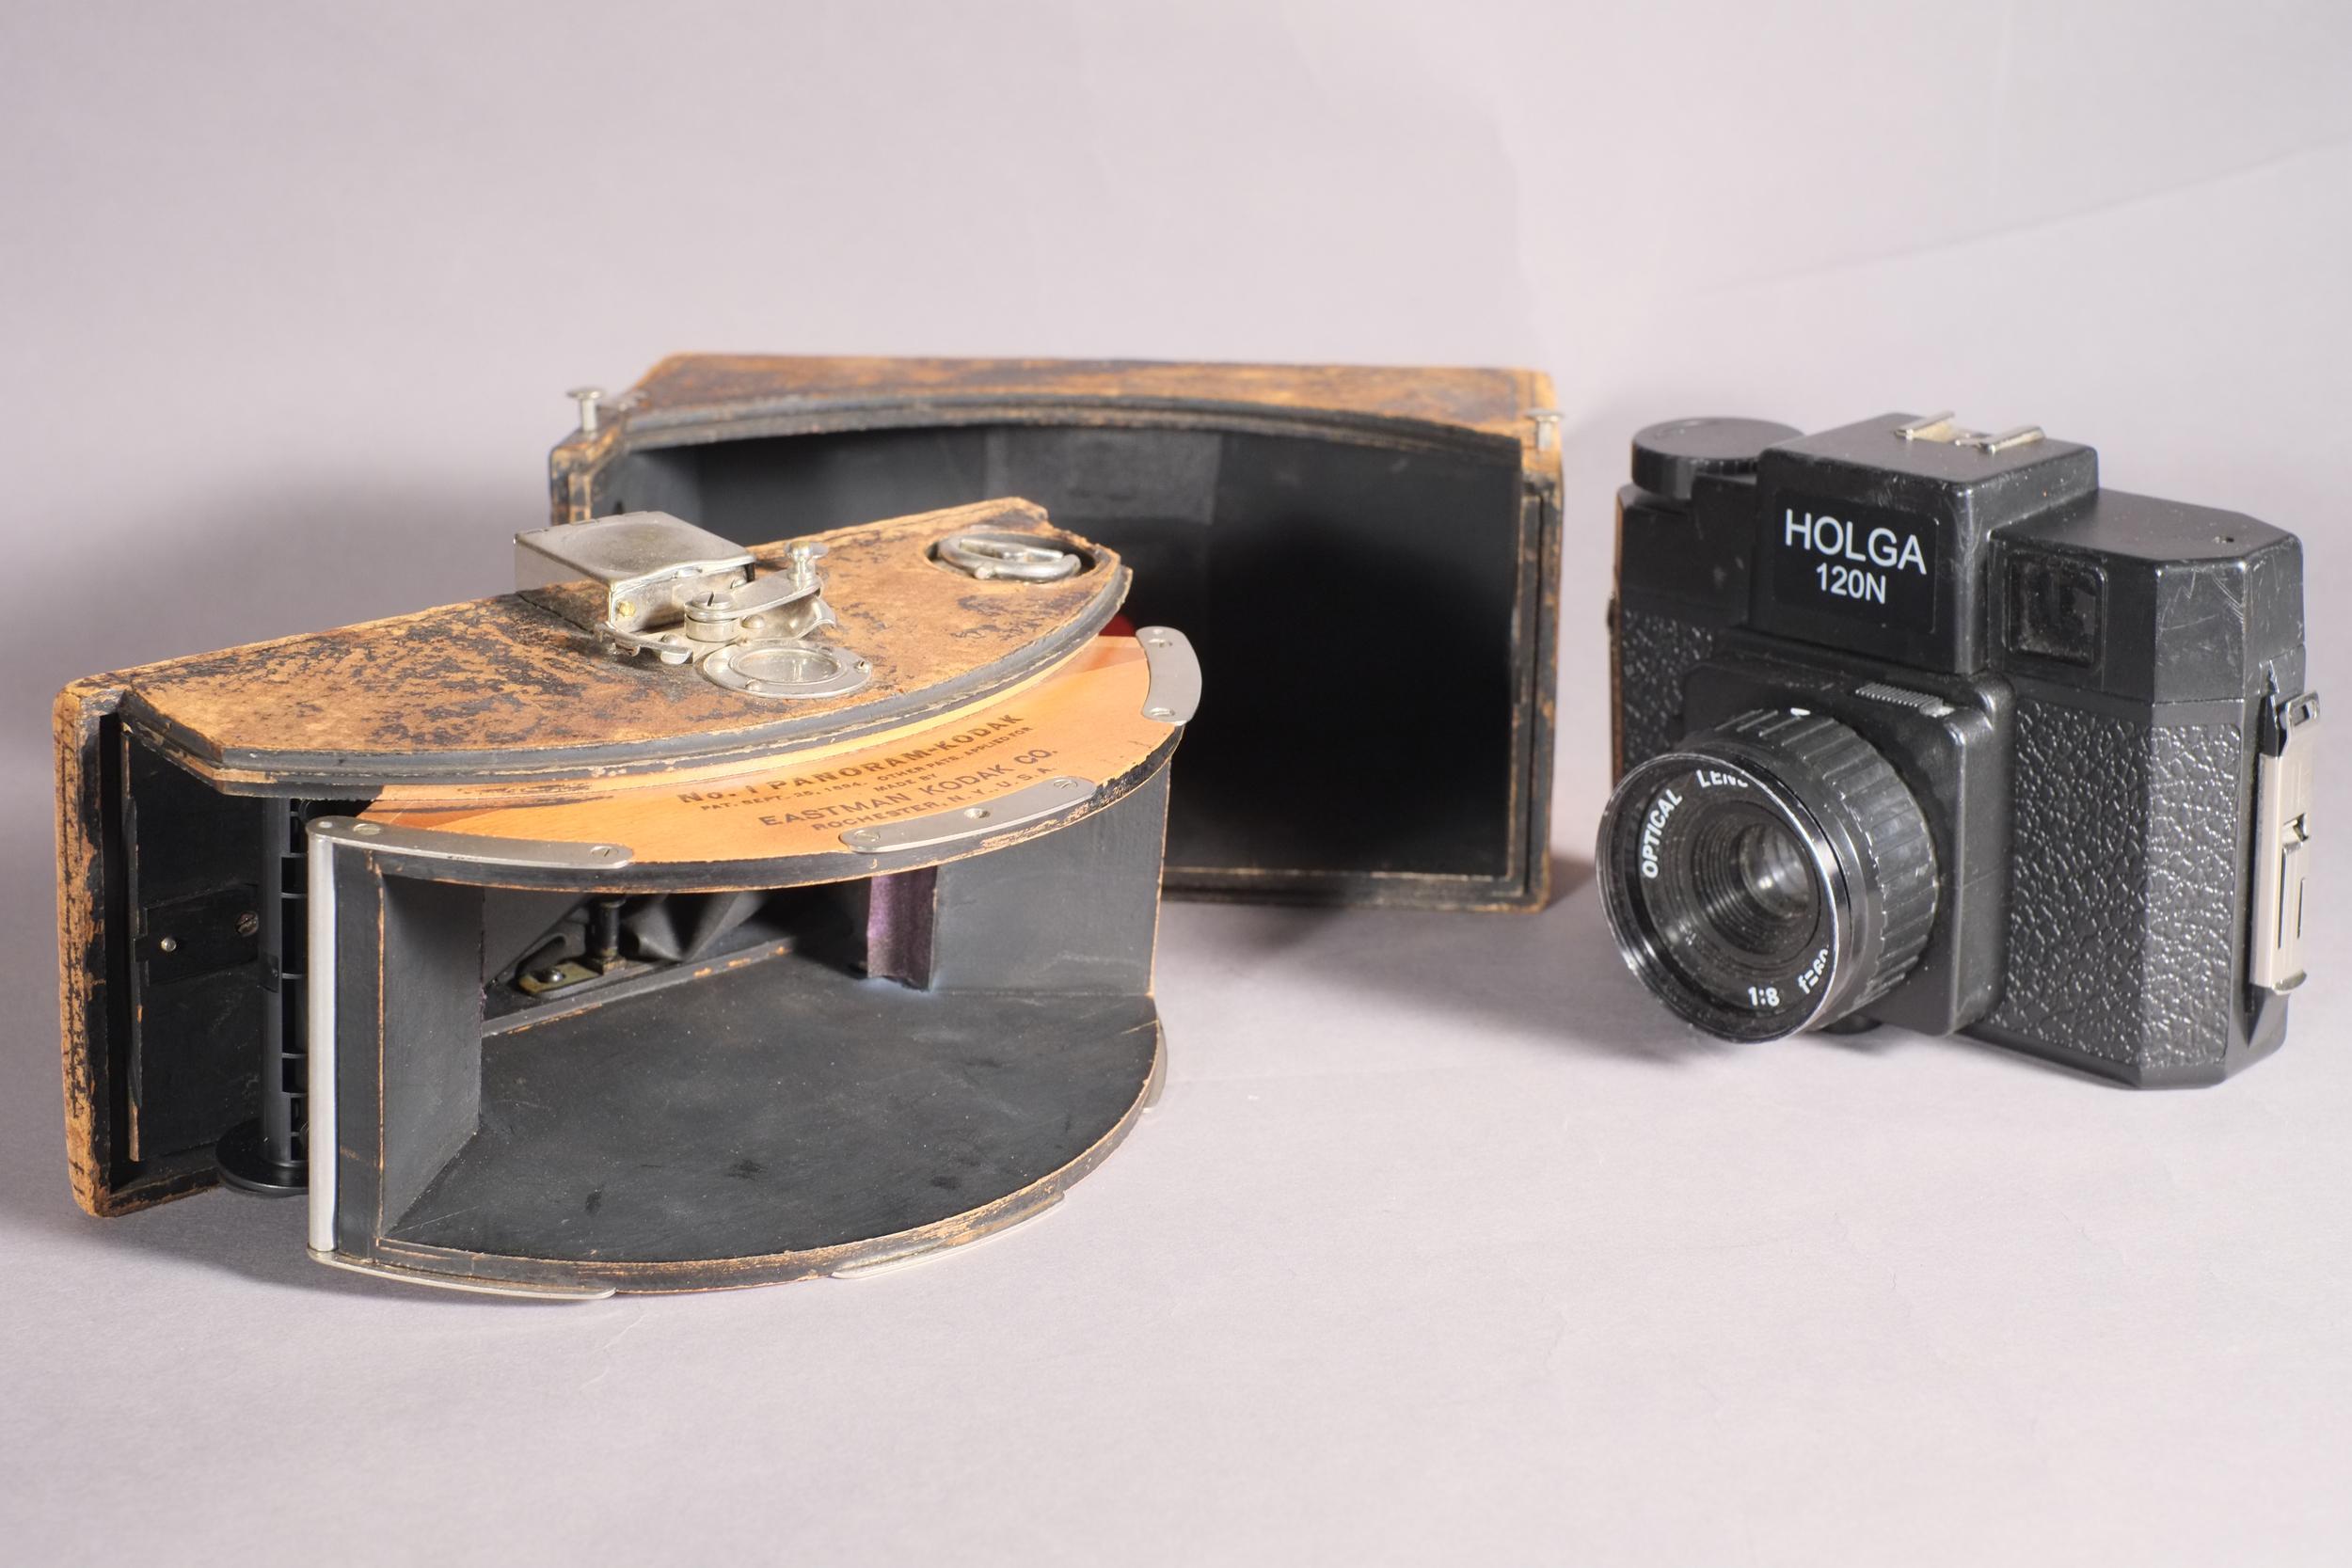 Holga and Kodak Panoram